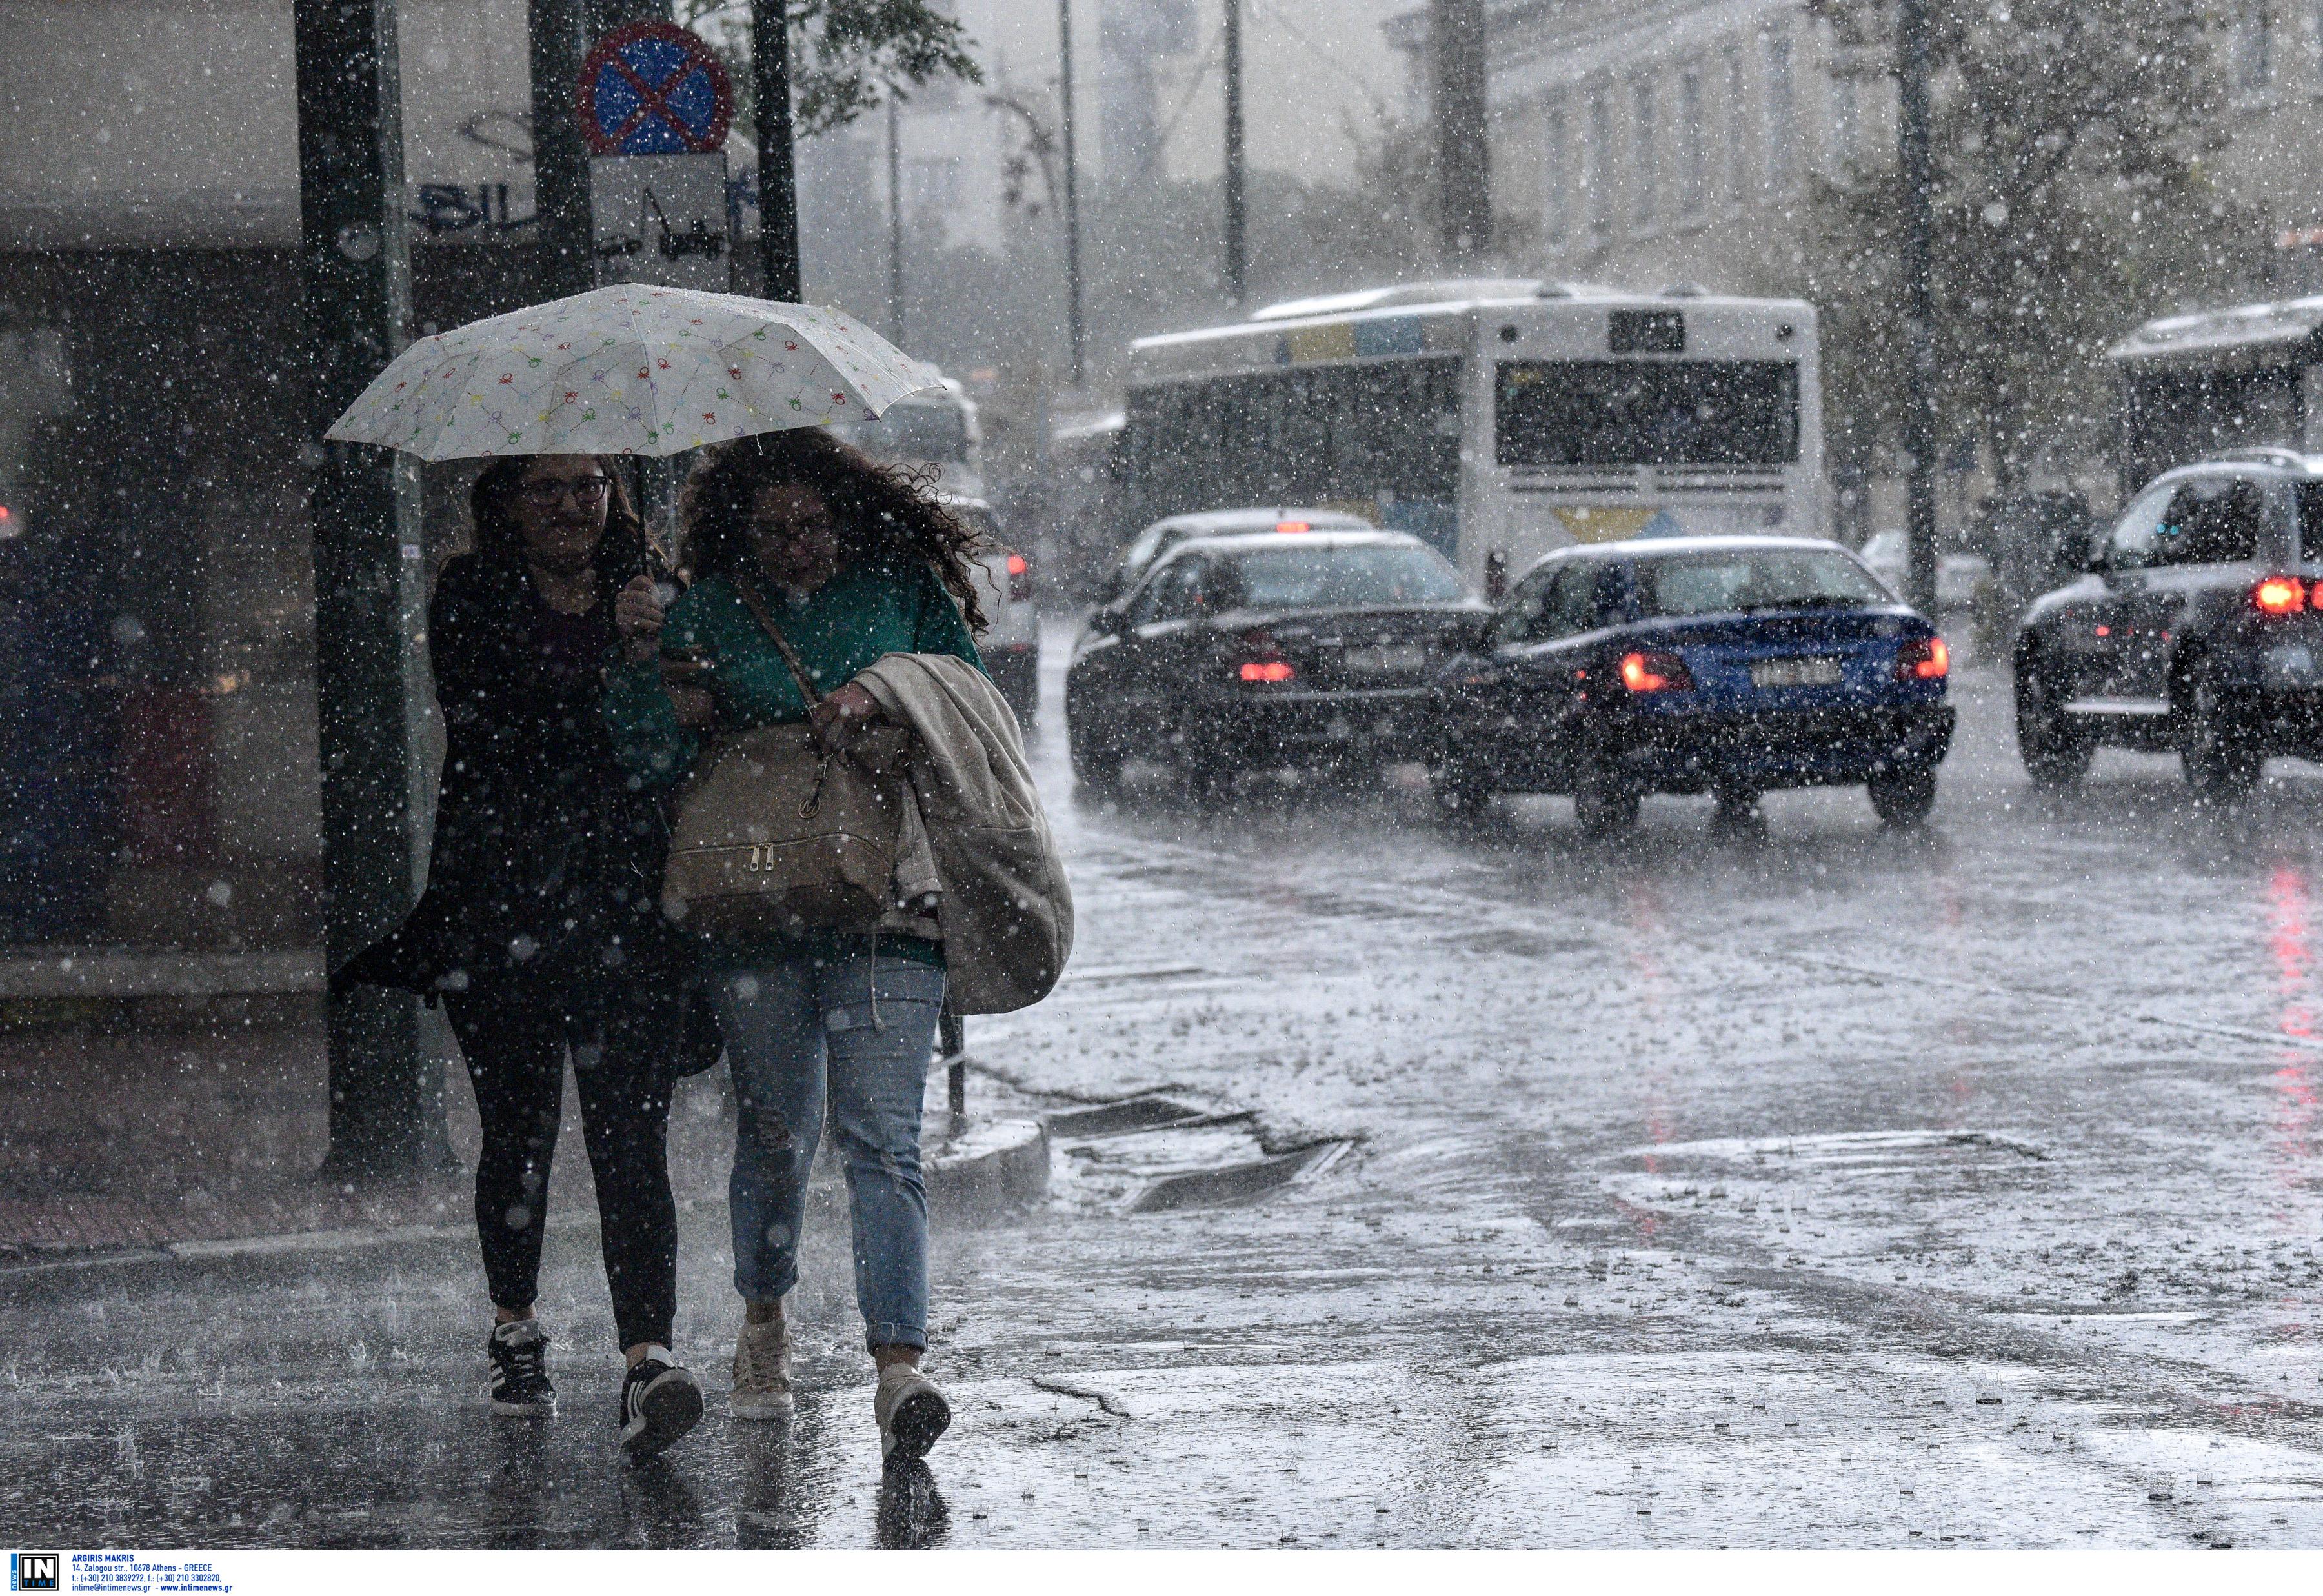 """Ετοιμαστείτε! Έρχονται βροχές και ισχυρές καταιγίδες - Μέχρι πότε θα """"σφυροκοπούν"""" τη χώρα τα ακραία καιρικά φαινόμενα"""